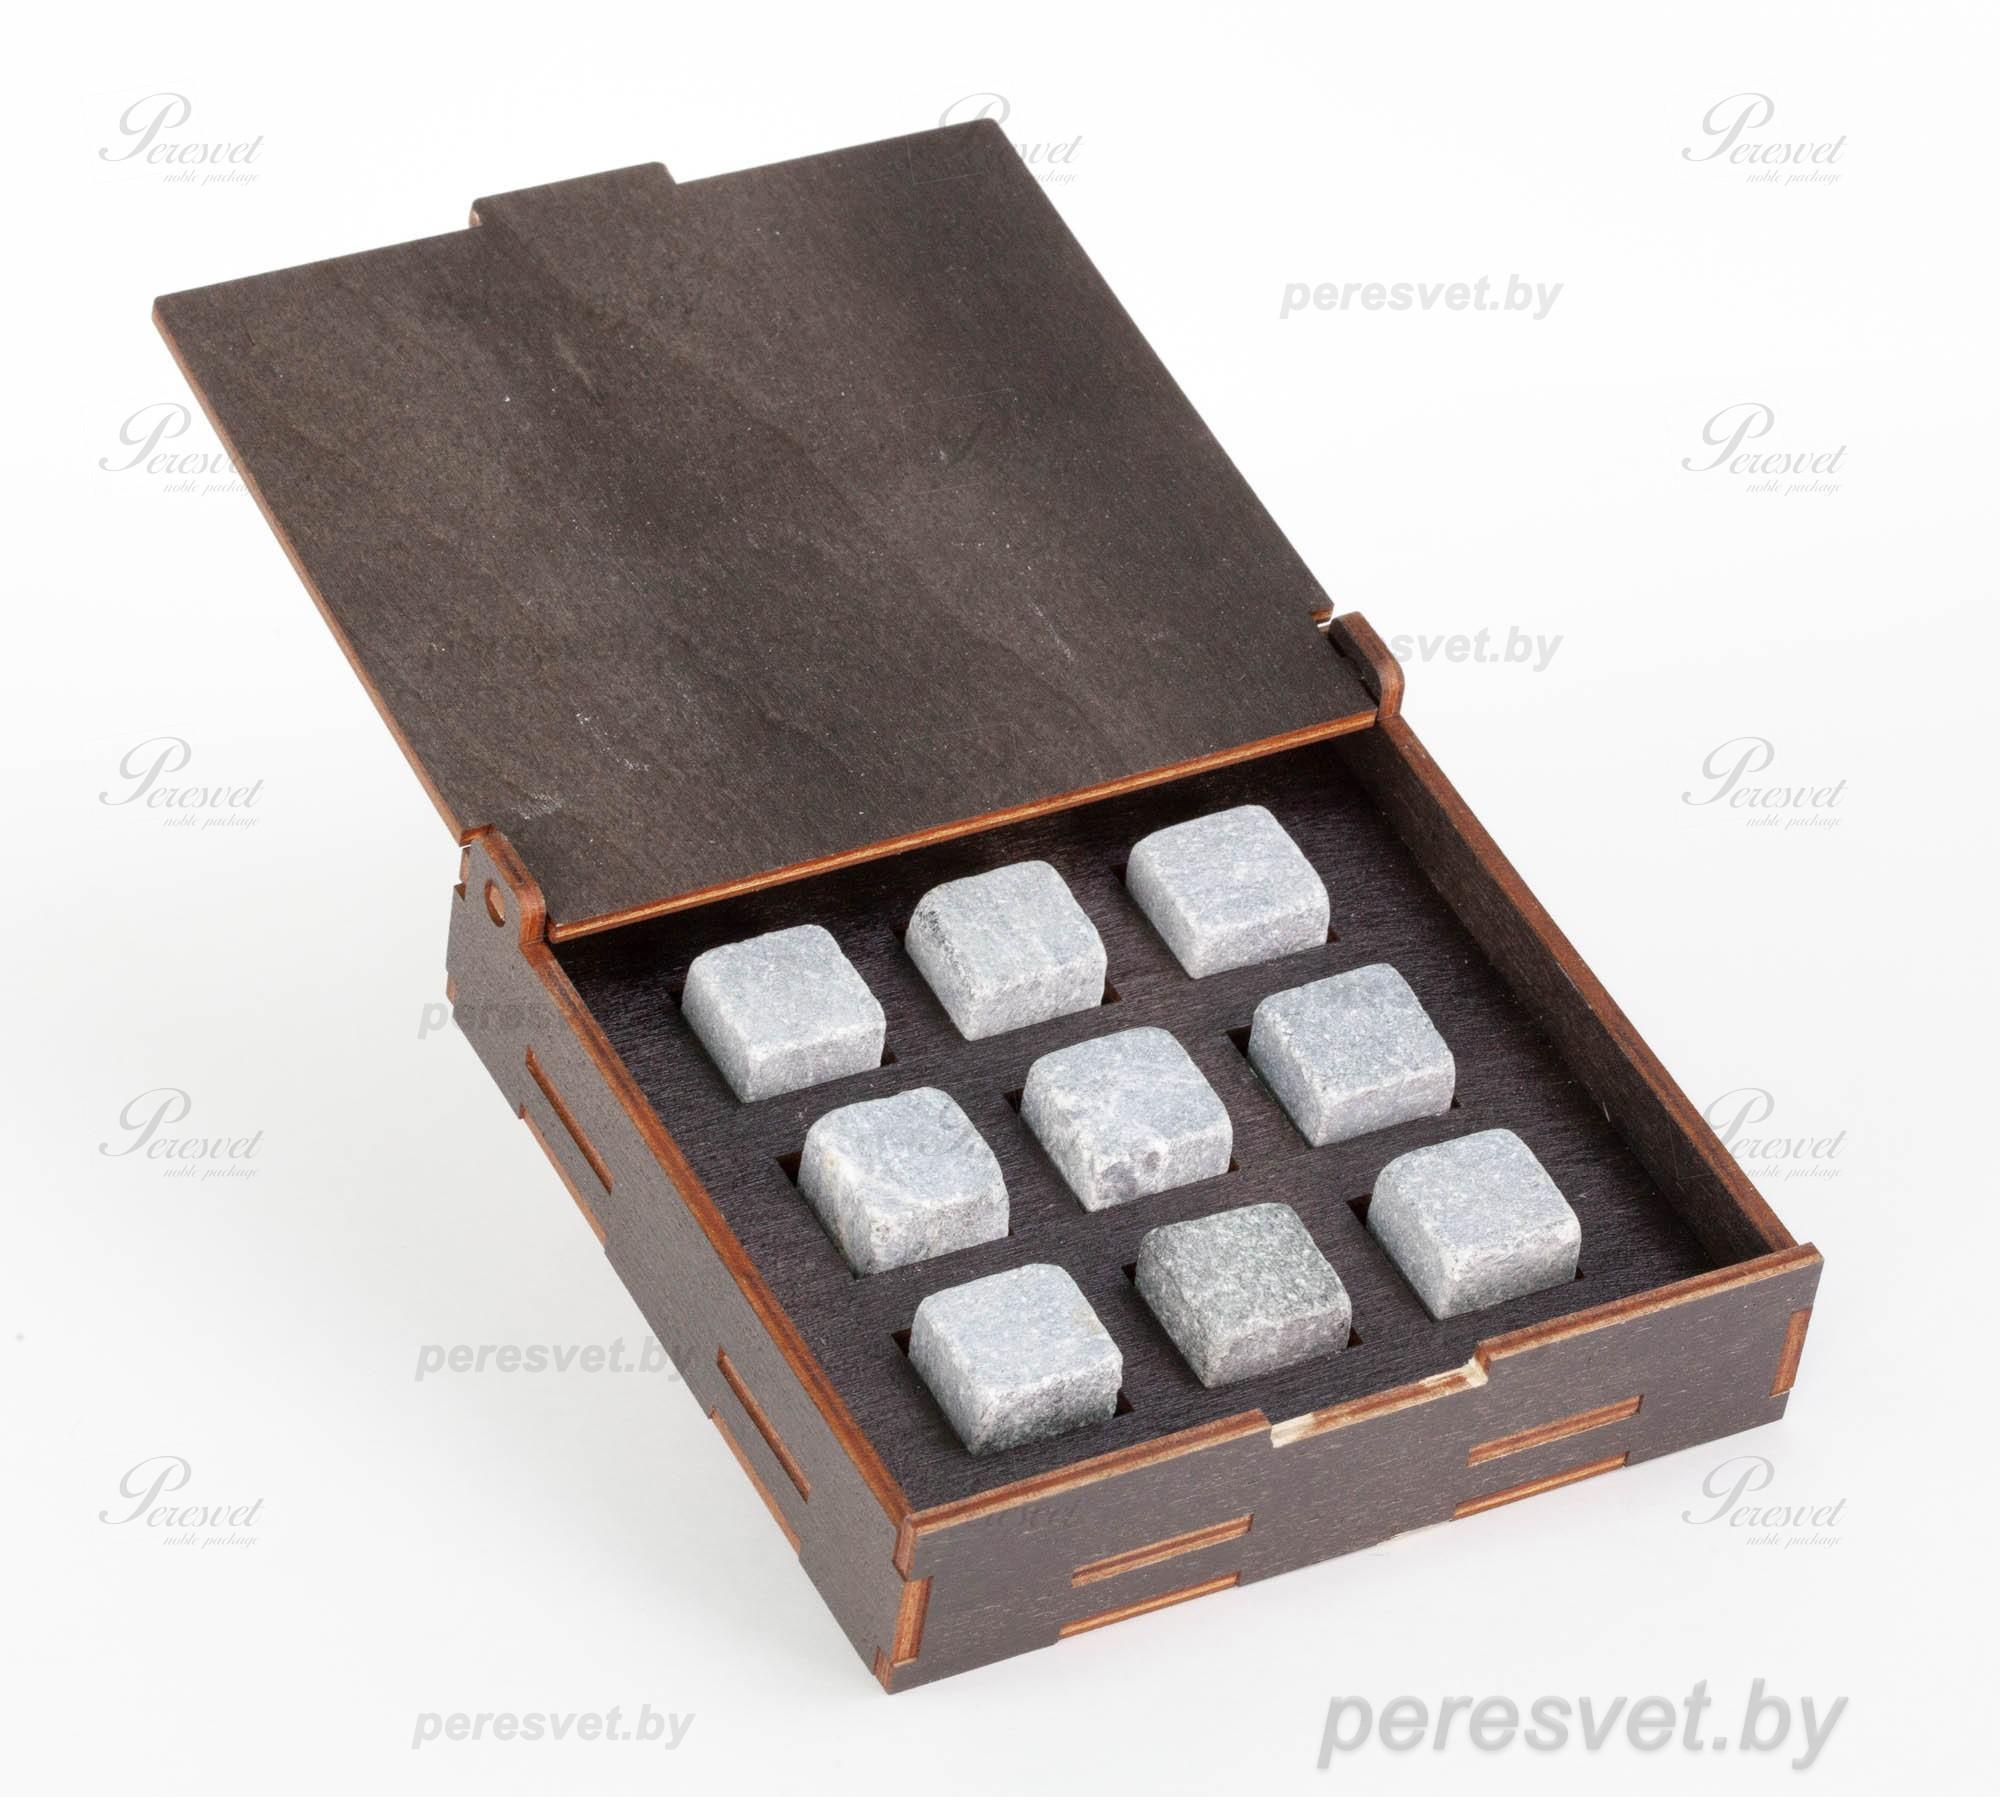 Премиальный набор камней для виски в деревянной коробке на peresvet.by